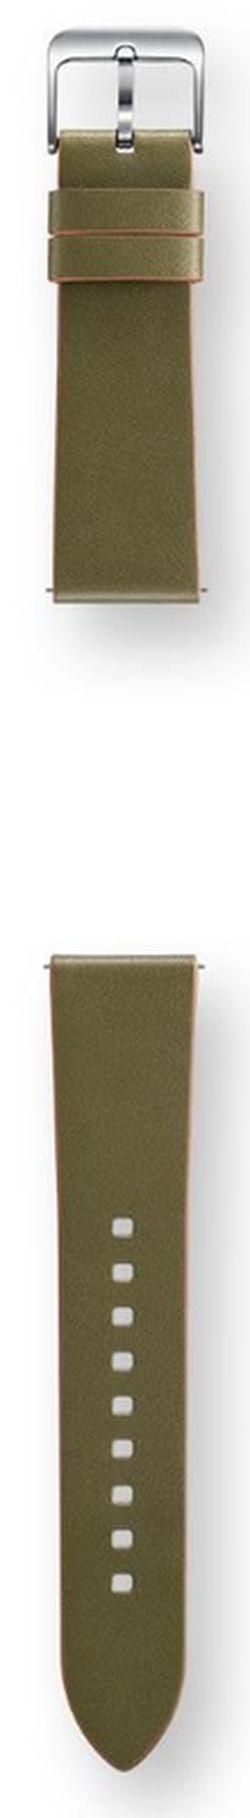 cumpără Accesoriu pentru aparat mobil Samsung ET-YSL76 Gear S3 (Leather Strap), Green în Chișinău